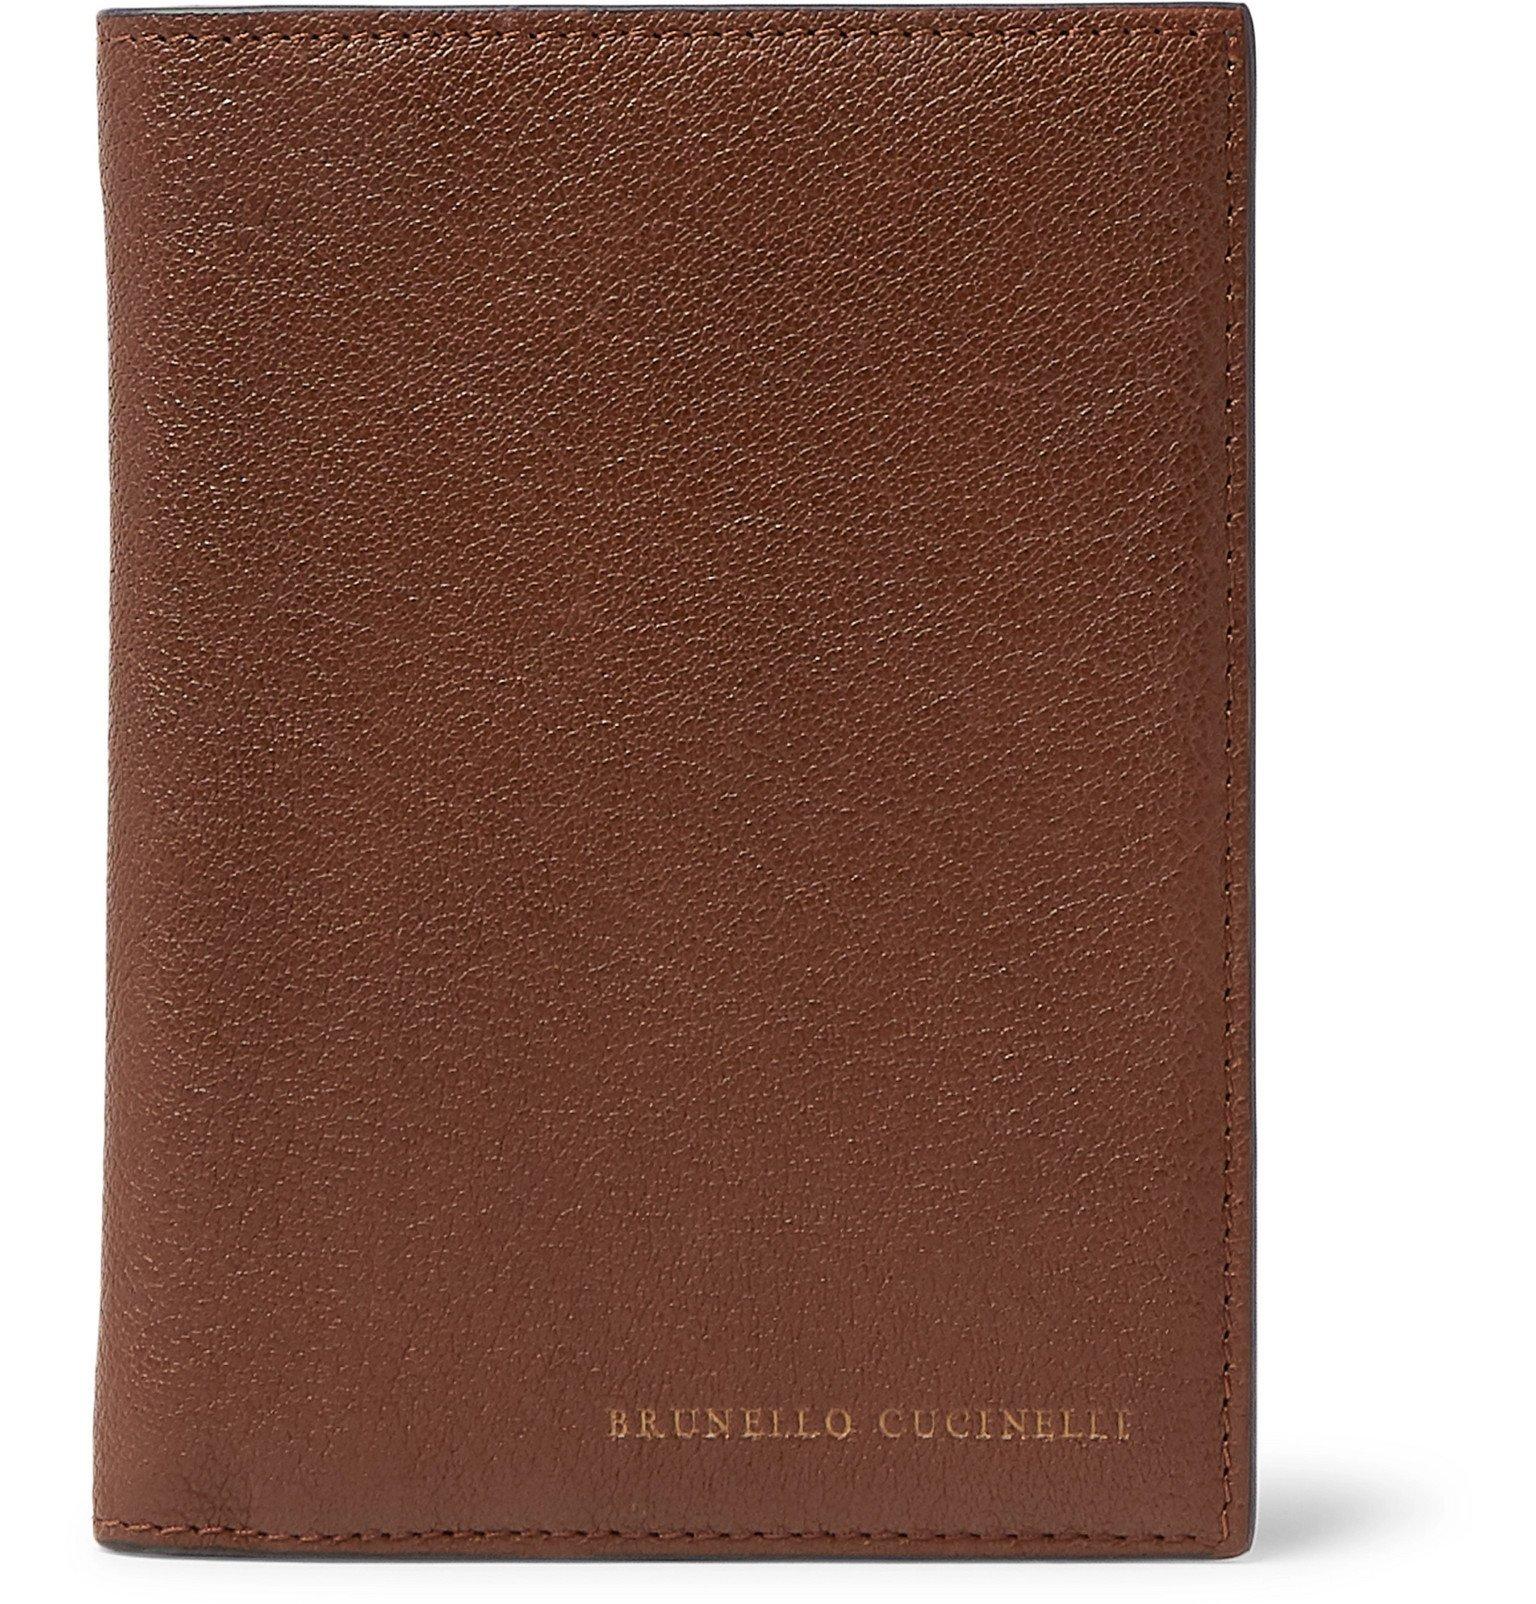 Photo: Brunello Cucinelli - Full-Grain Leather Passport Cover - Brown